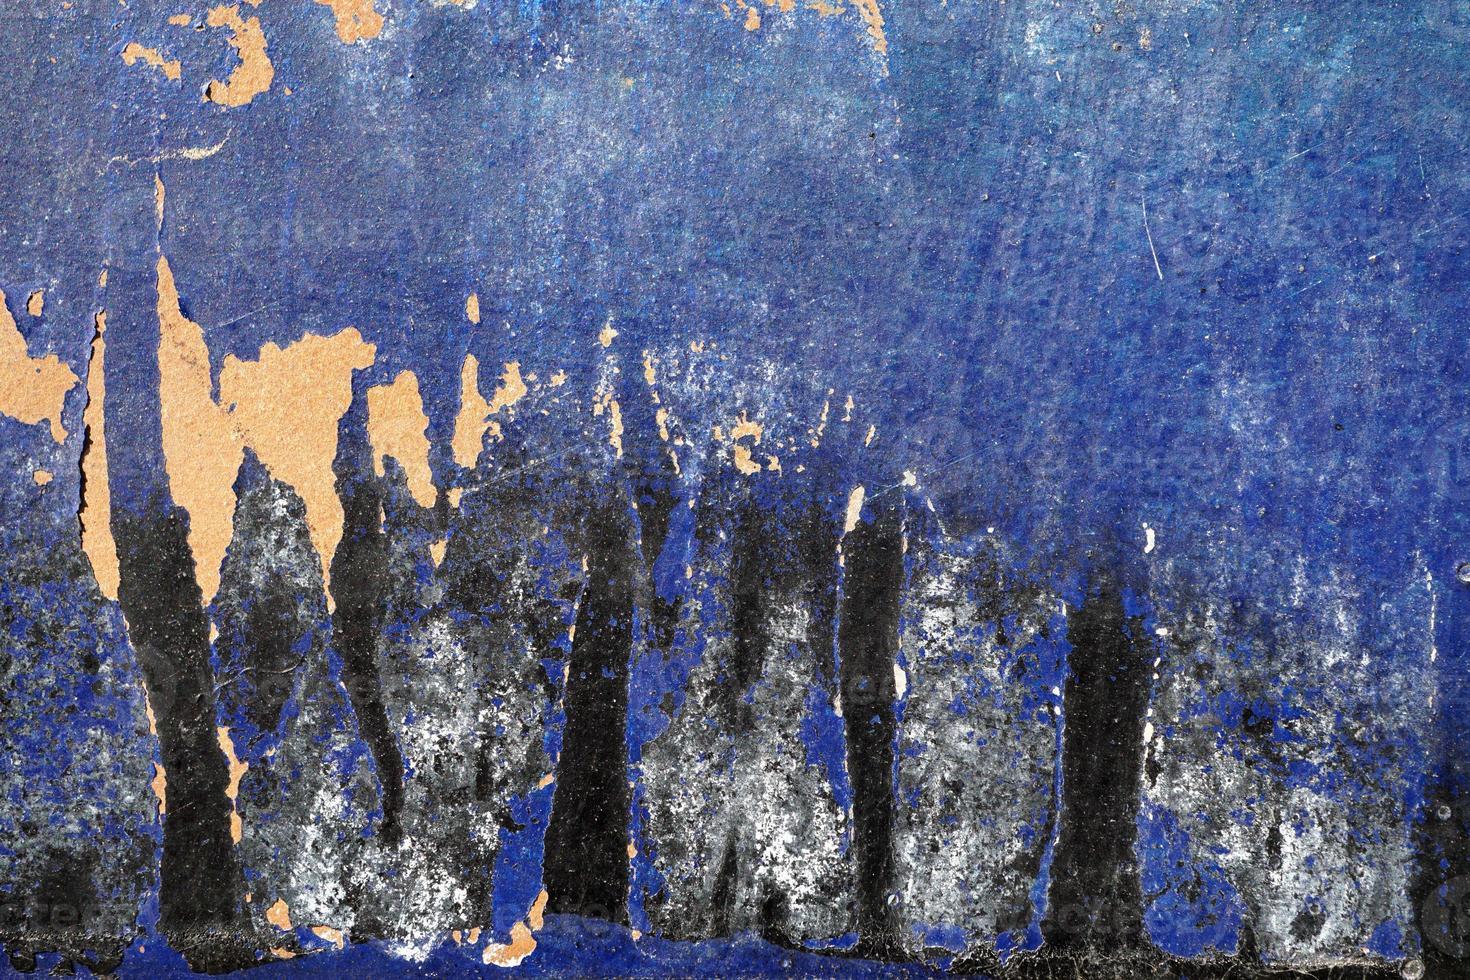 hes, repad, skalad yta med blå, vit och svart pai foto